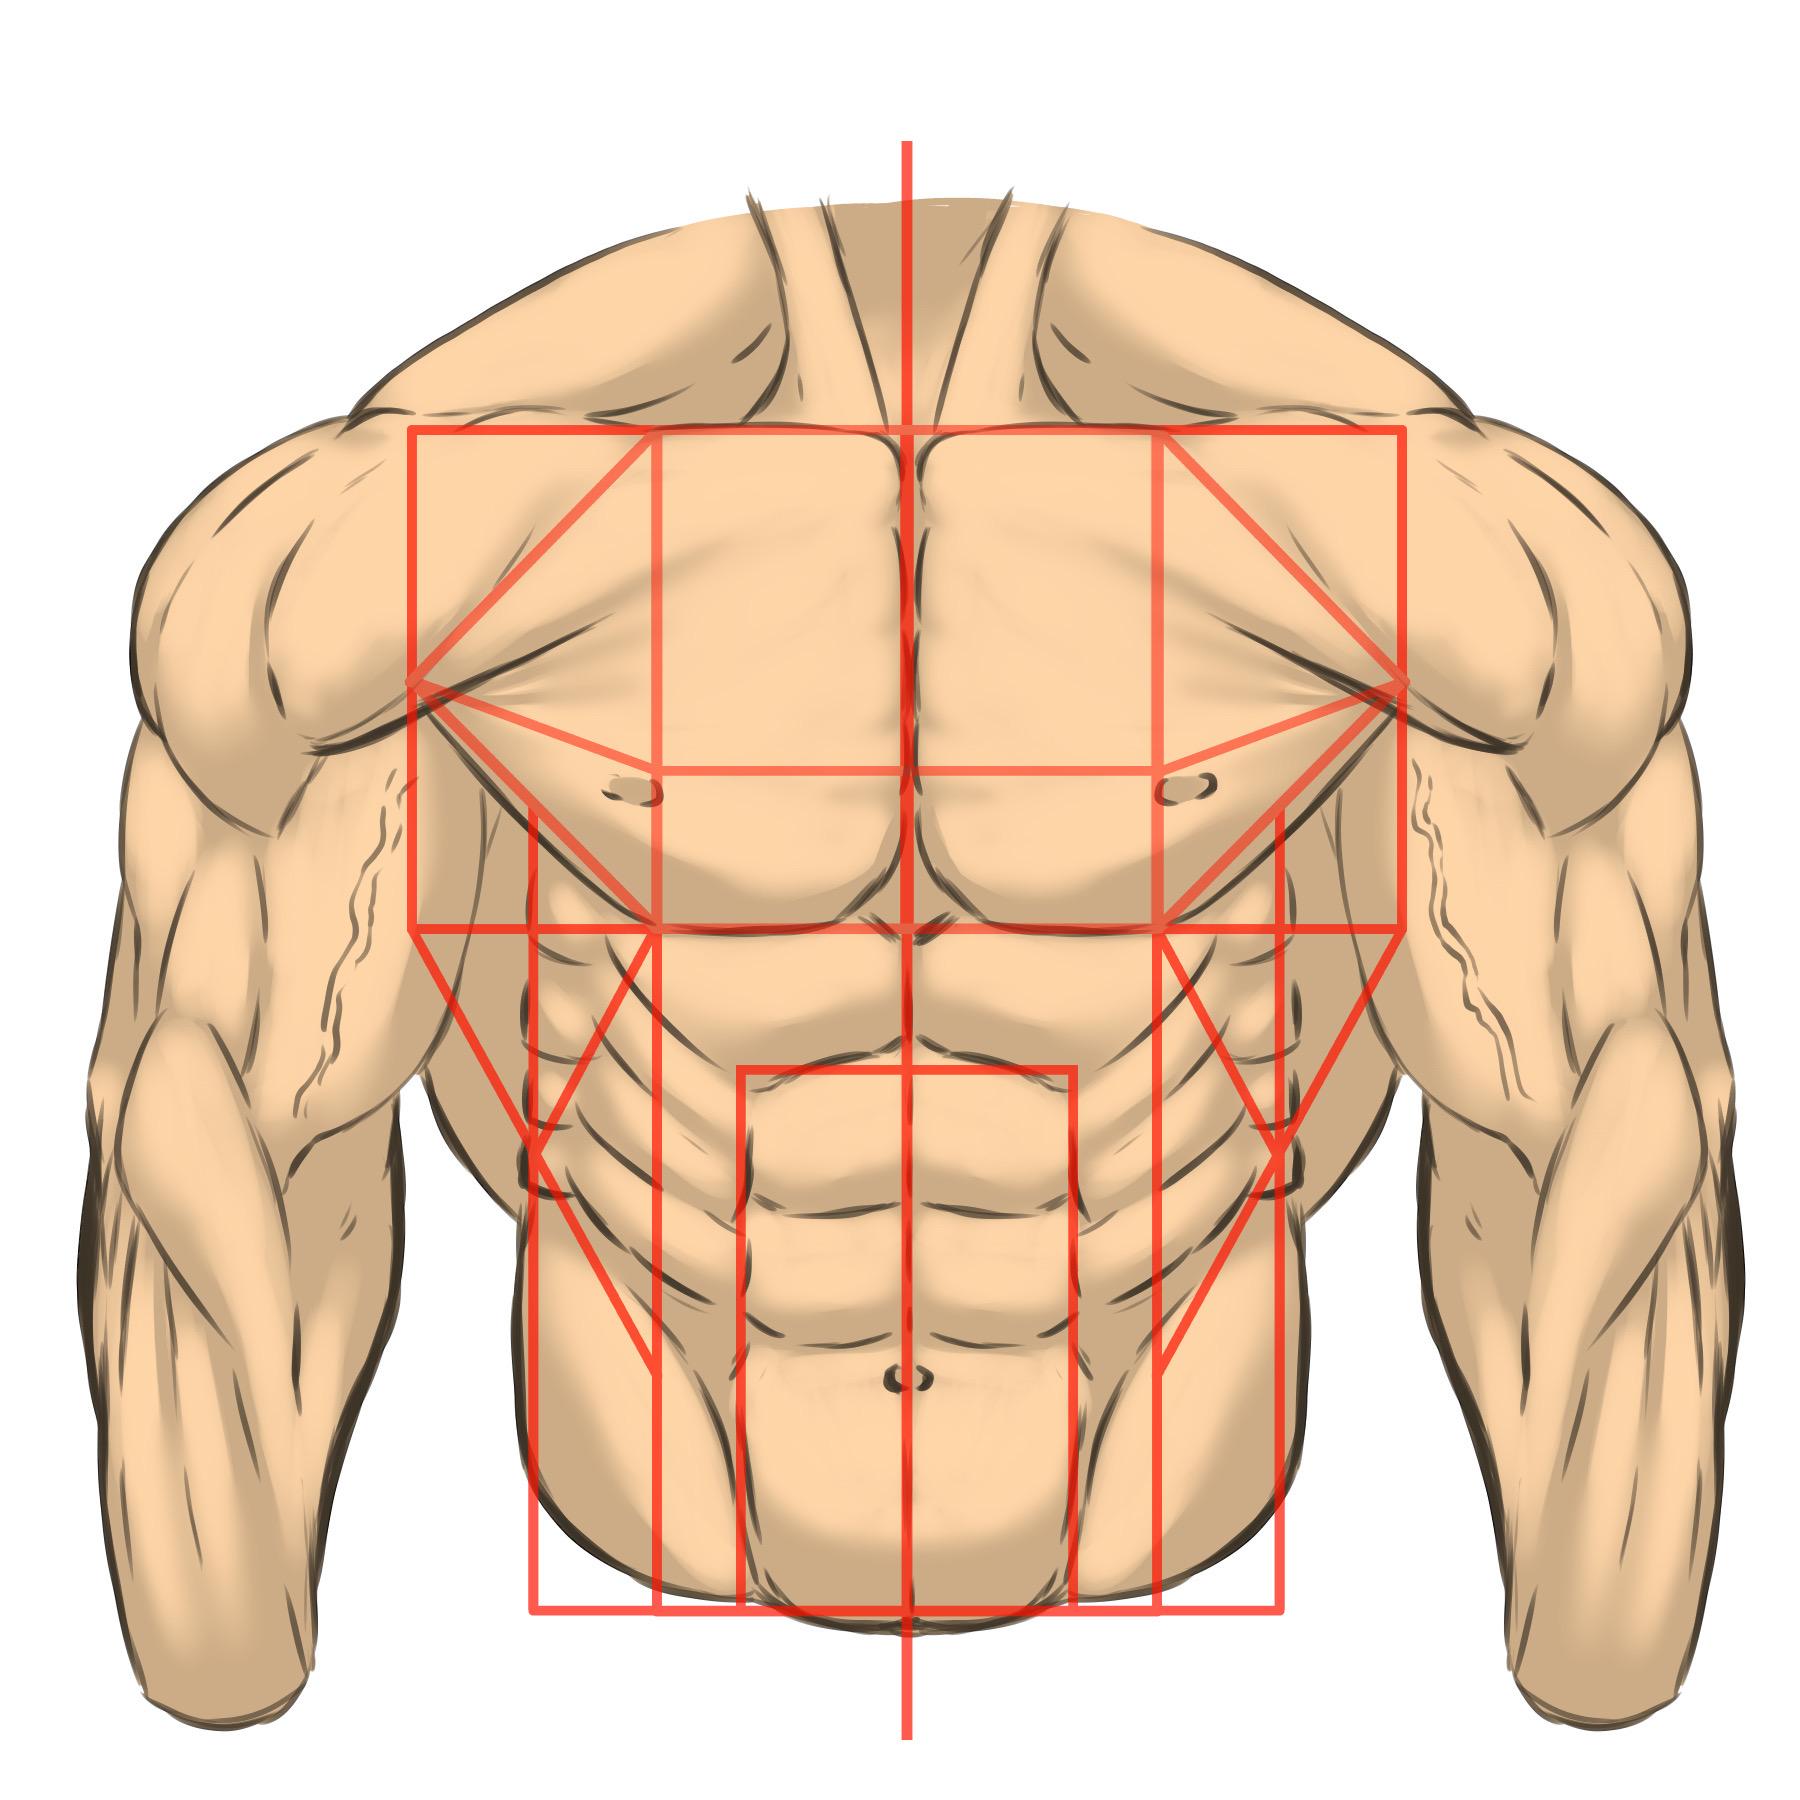 体をそのまま描こうとすると難しいので、このように筋肉を図形にとらえて組み立てると分かりやすくなります。